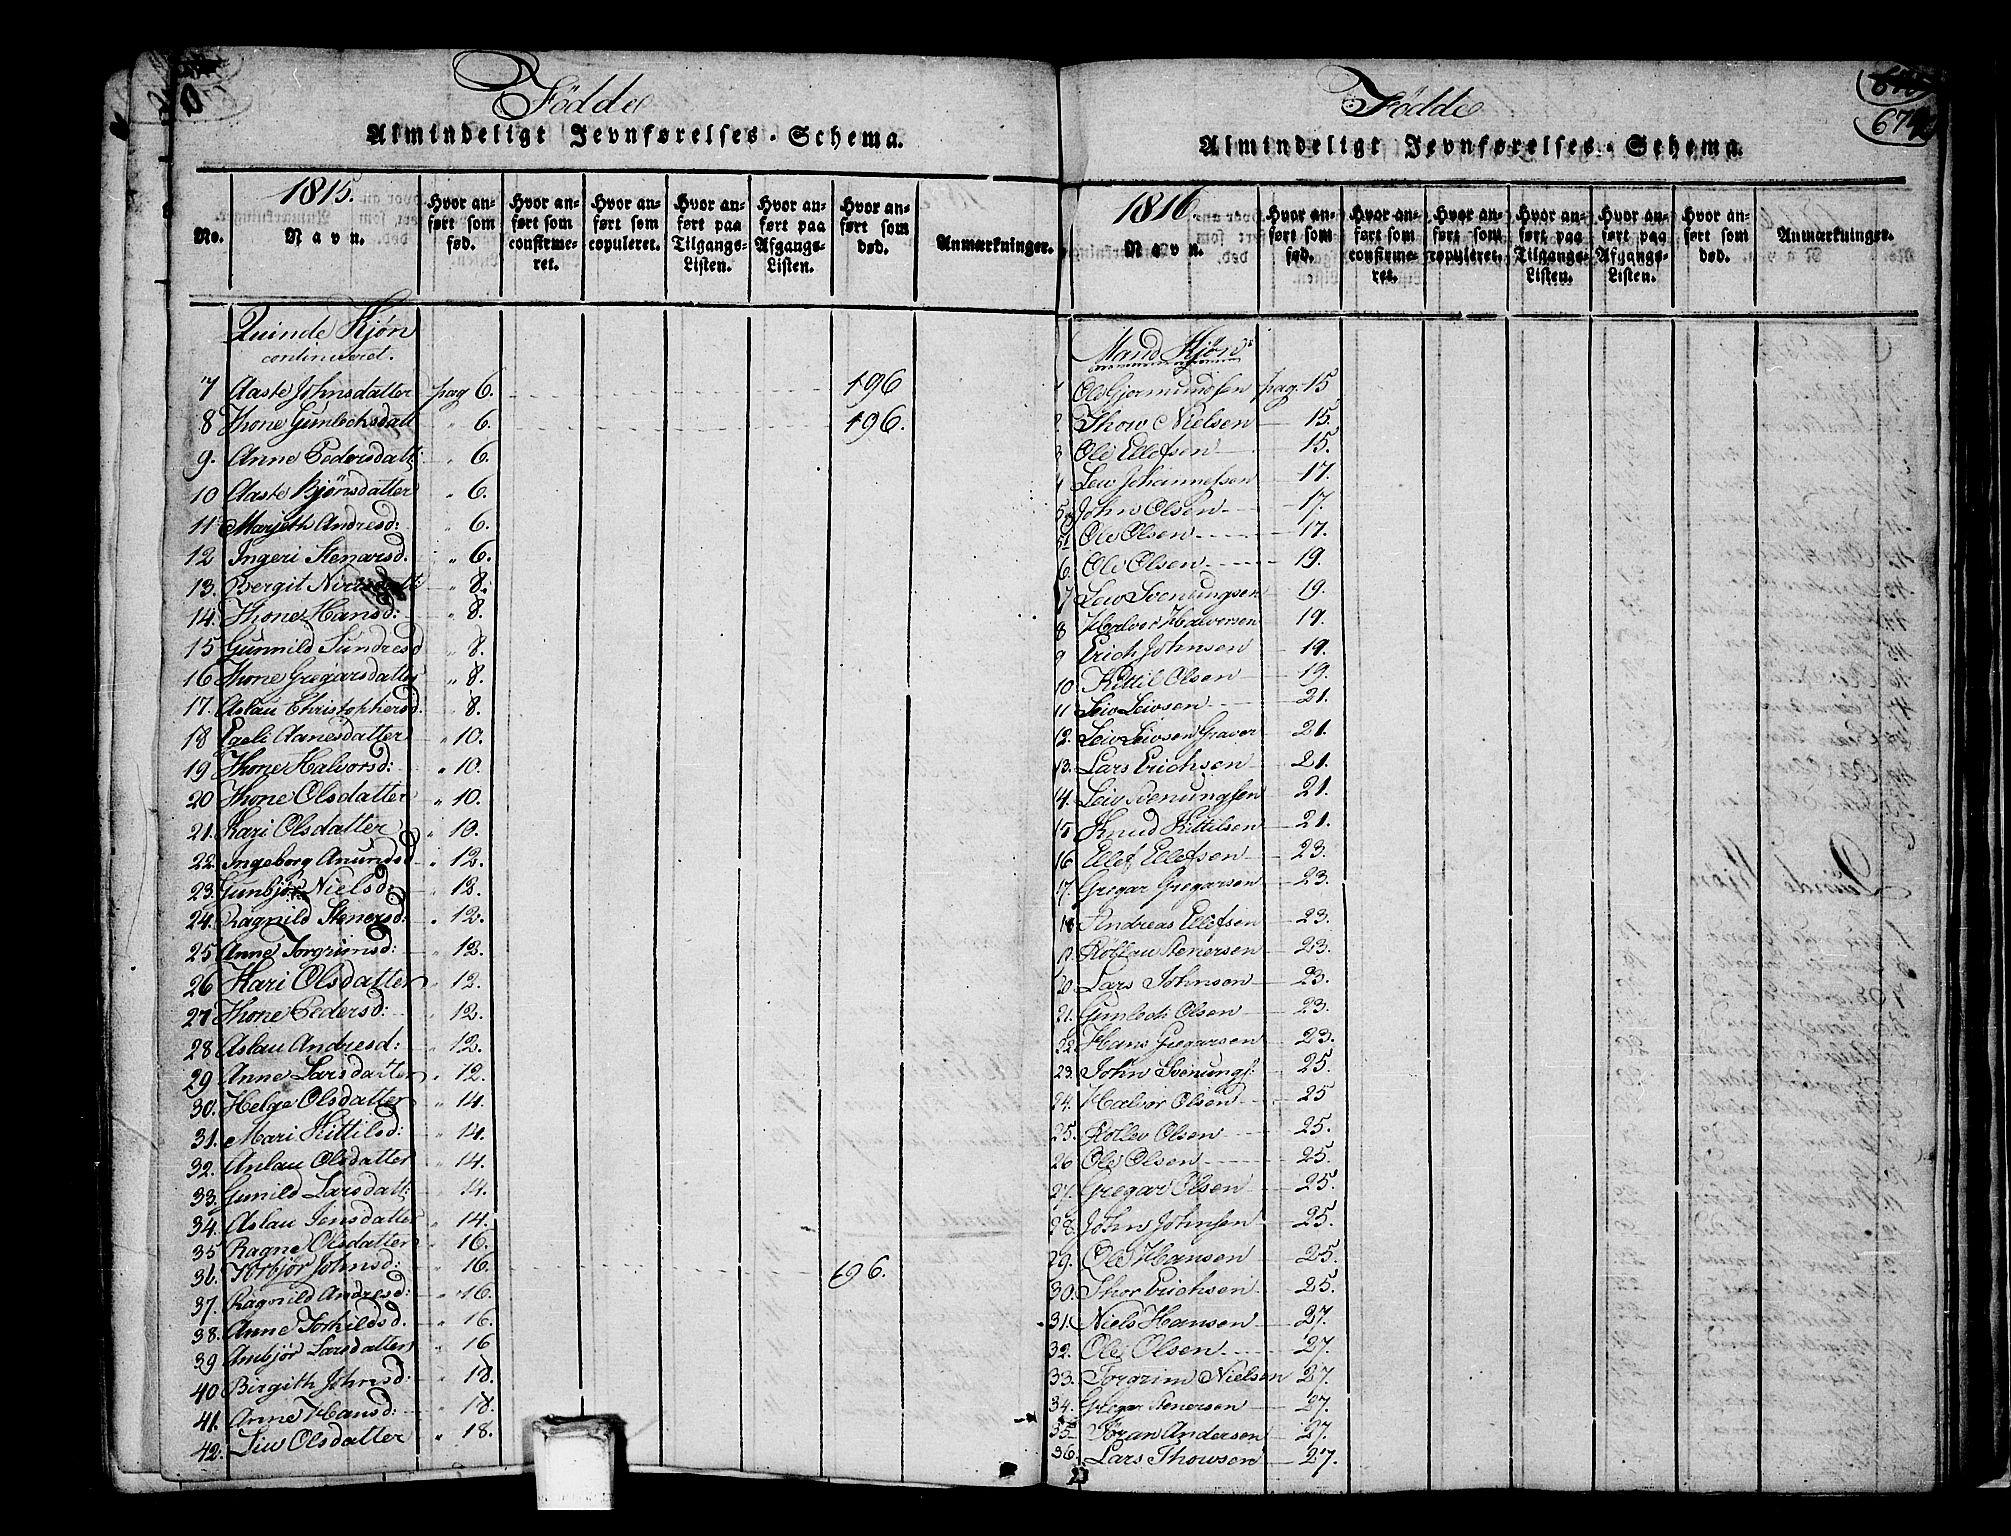 SAKO, Heddal kirkebøker, F/Fa/L0005: Ministerialbok nr. I 5, 1814-1837, s. 671-672